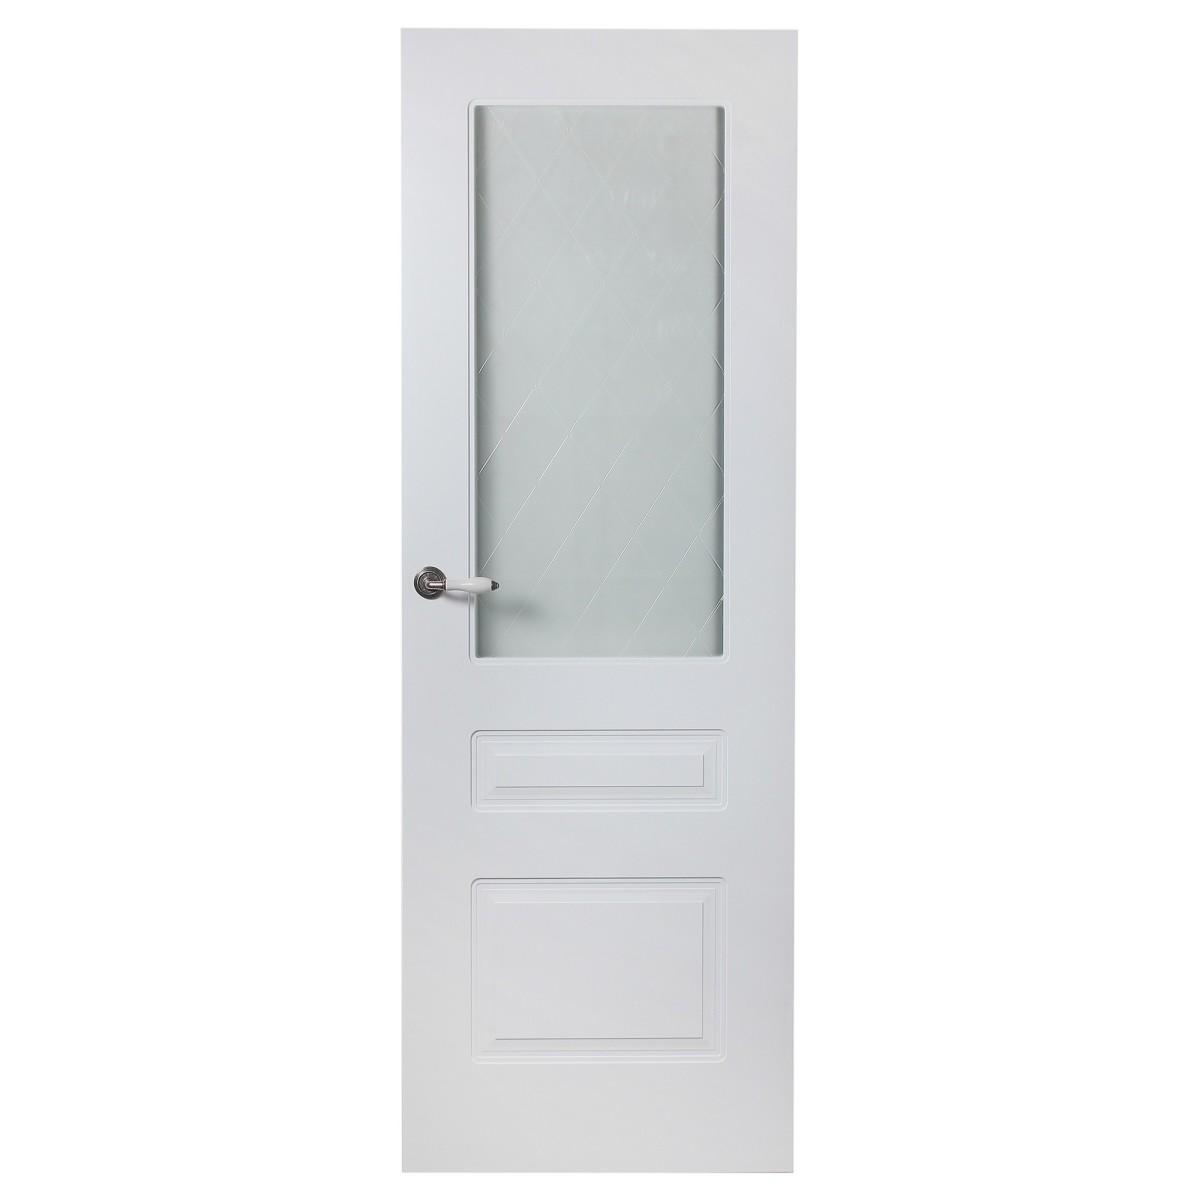 Дверь Межкомнатная Остеклённая Роялти 80x200 Цвет Белый